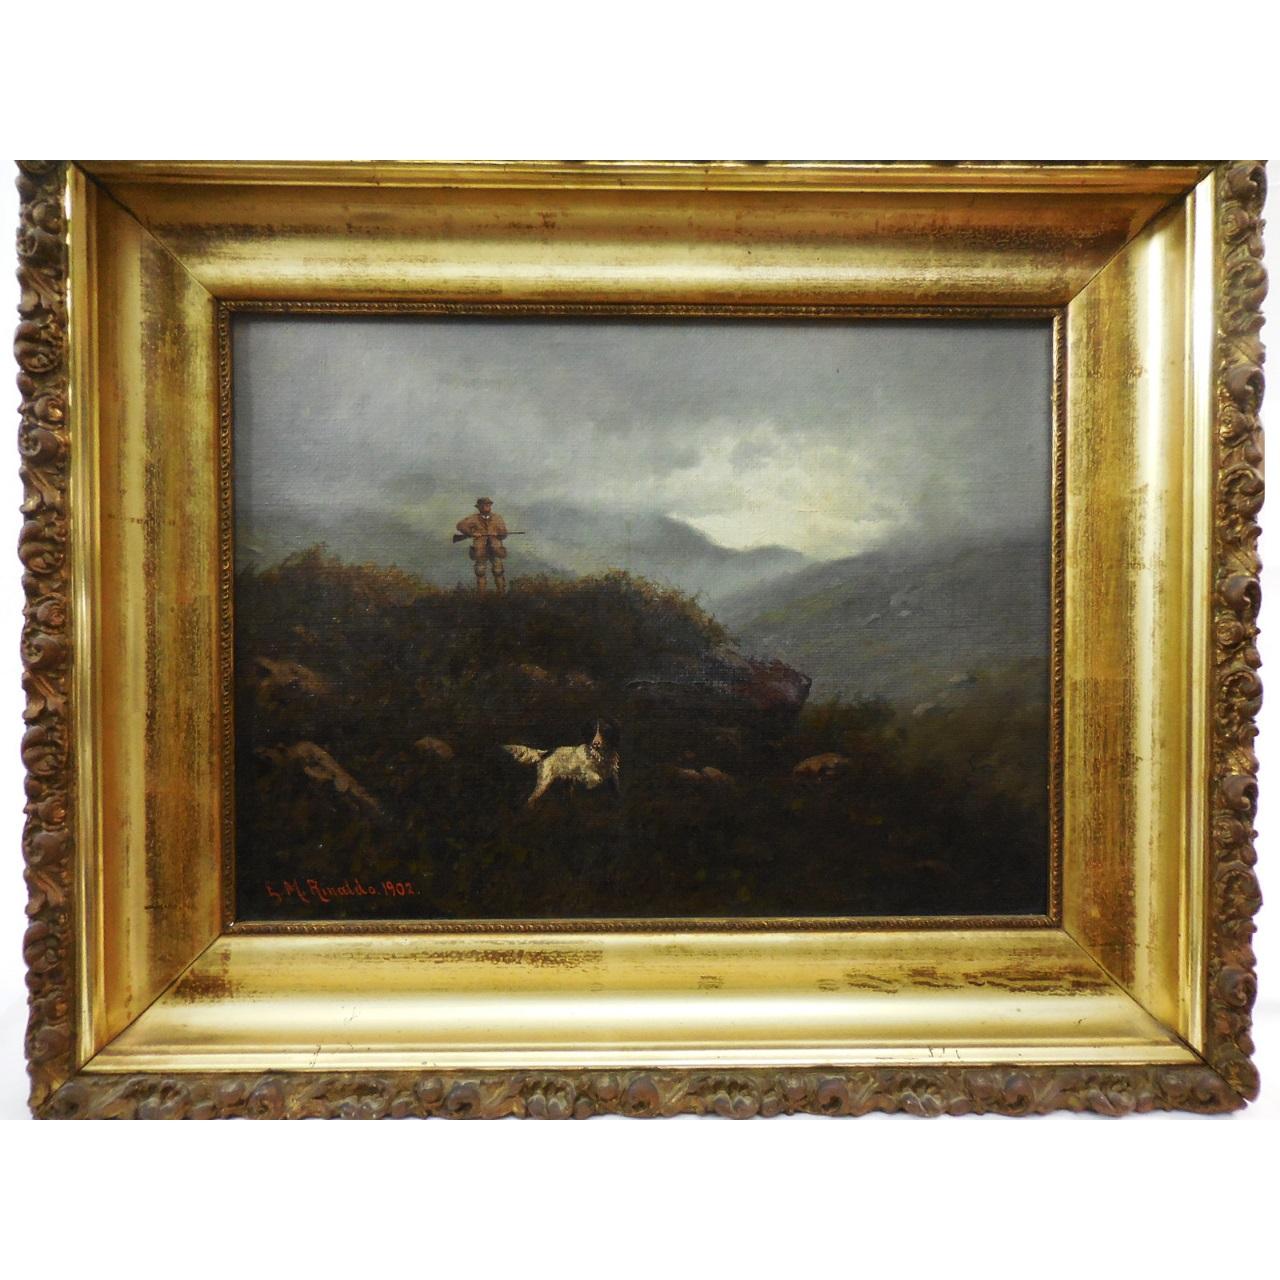 C. 1902 E.M. Rinaldo Oil on Canvas